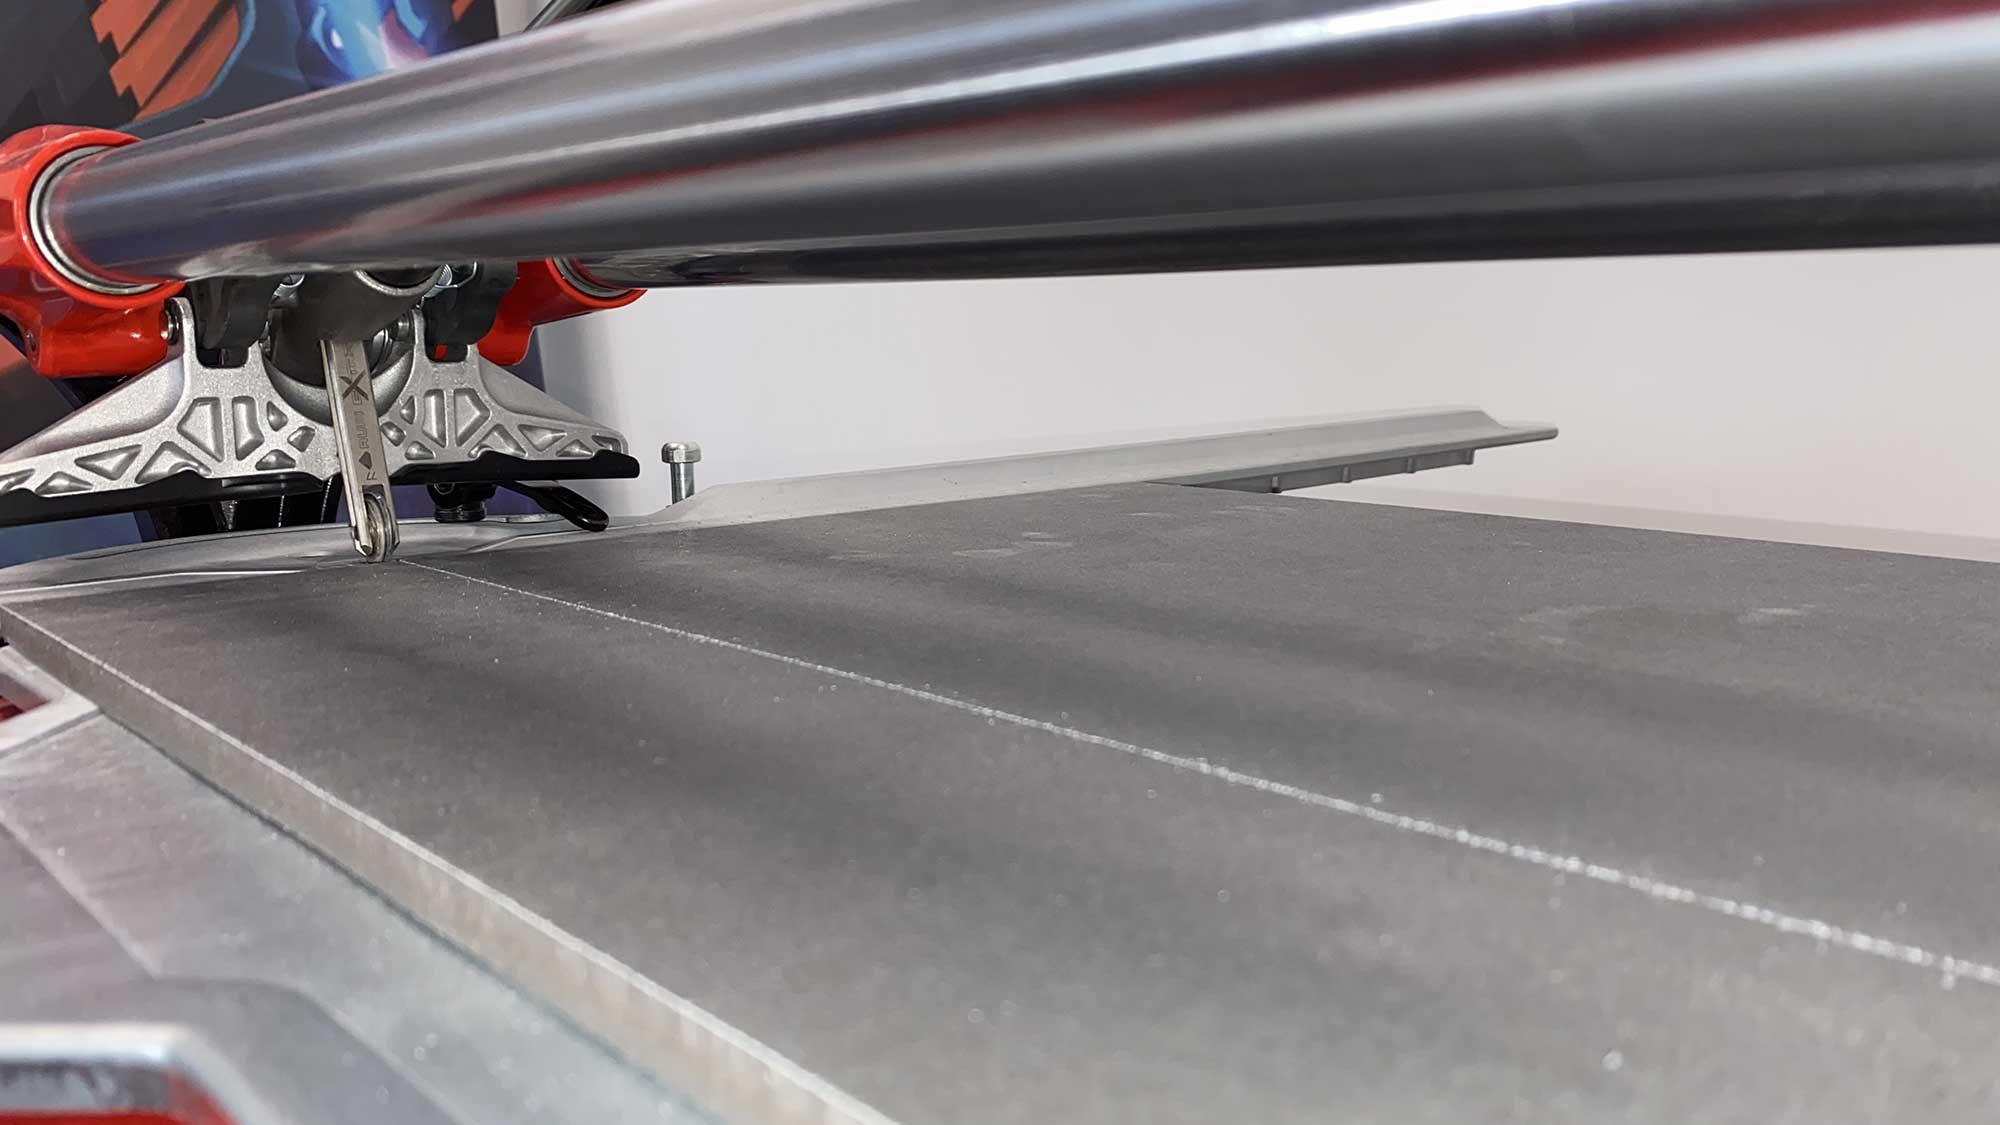 Een zuivere snijlijn, hier van een RUBI TX-MAX tegelsnijder, kun je bereiken met de juiste snijtechnieken.